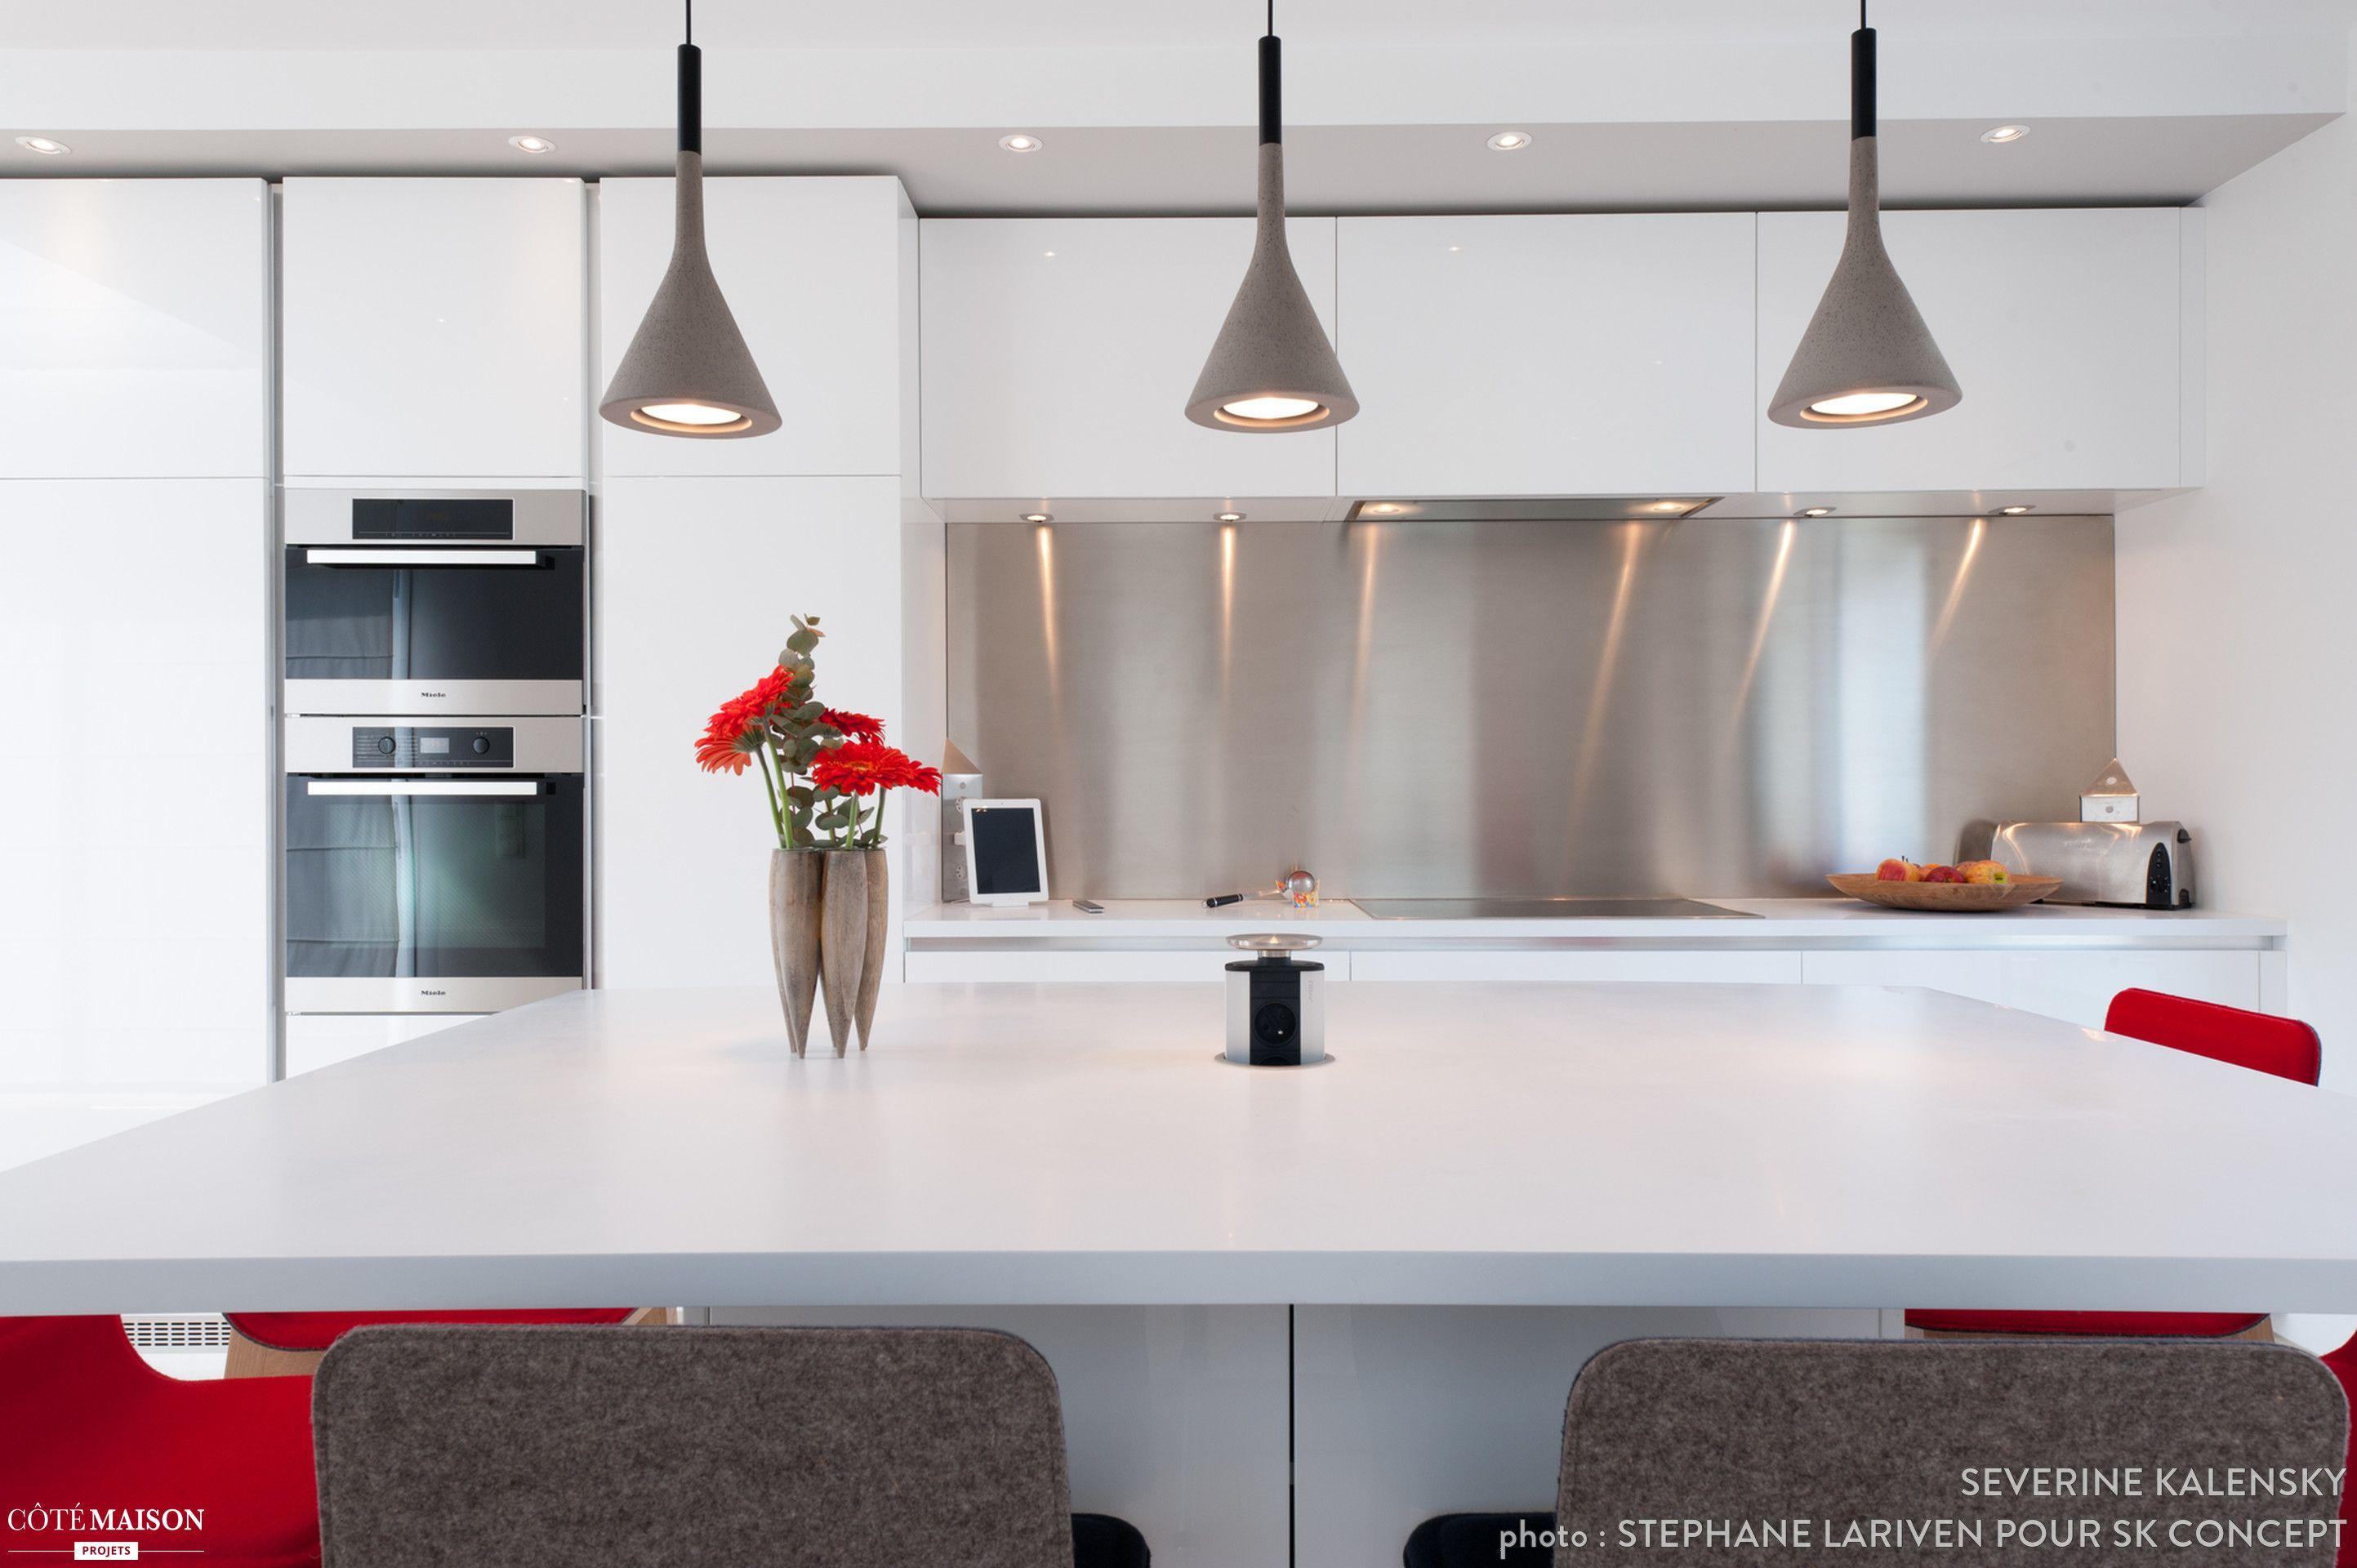 Projet Cuisine Design Italien Total Look Blanc Avec îlot Central, Finition  Laque Blanc Brillant Pour